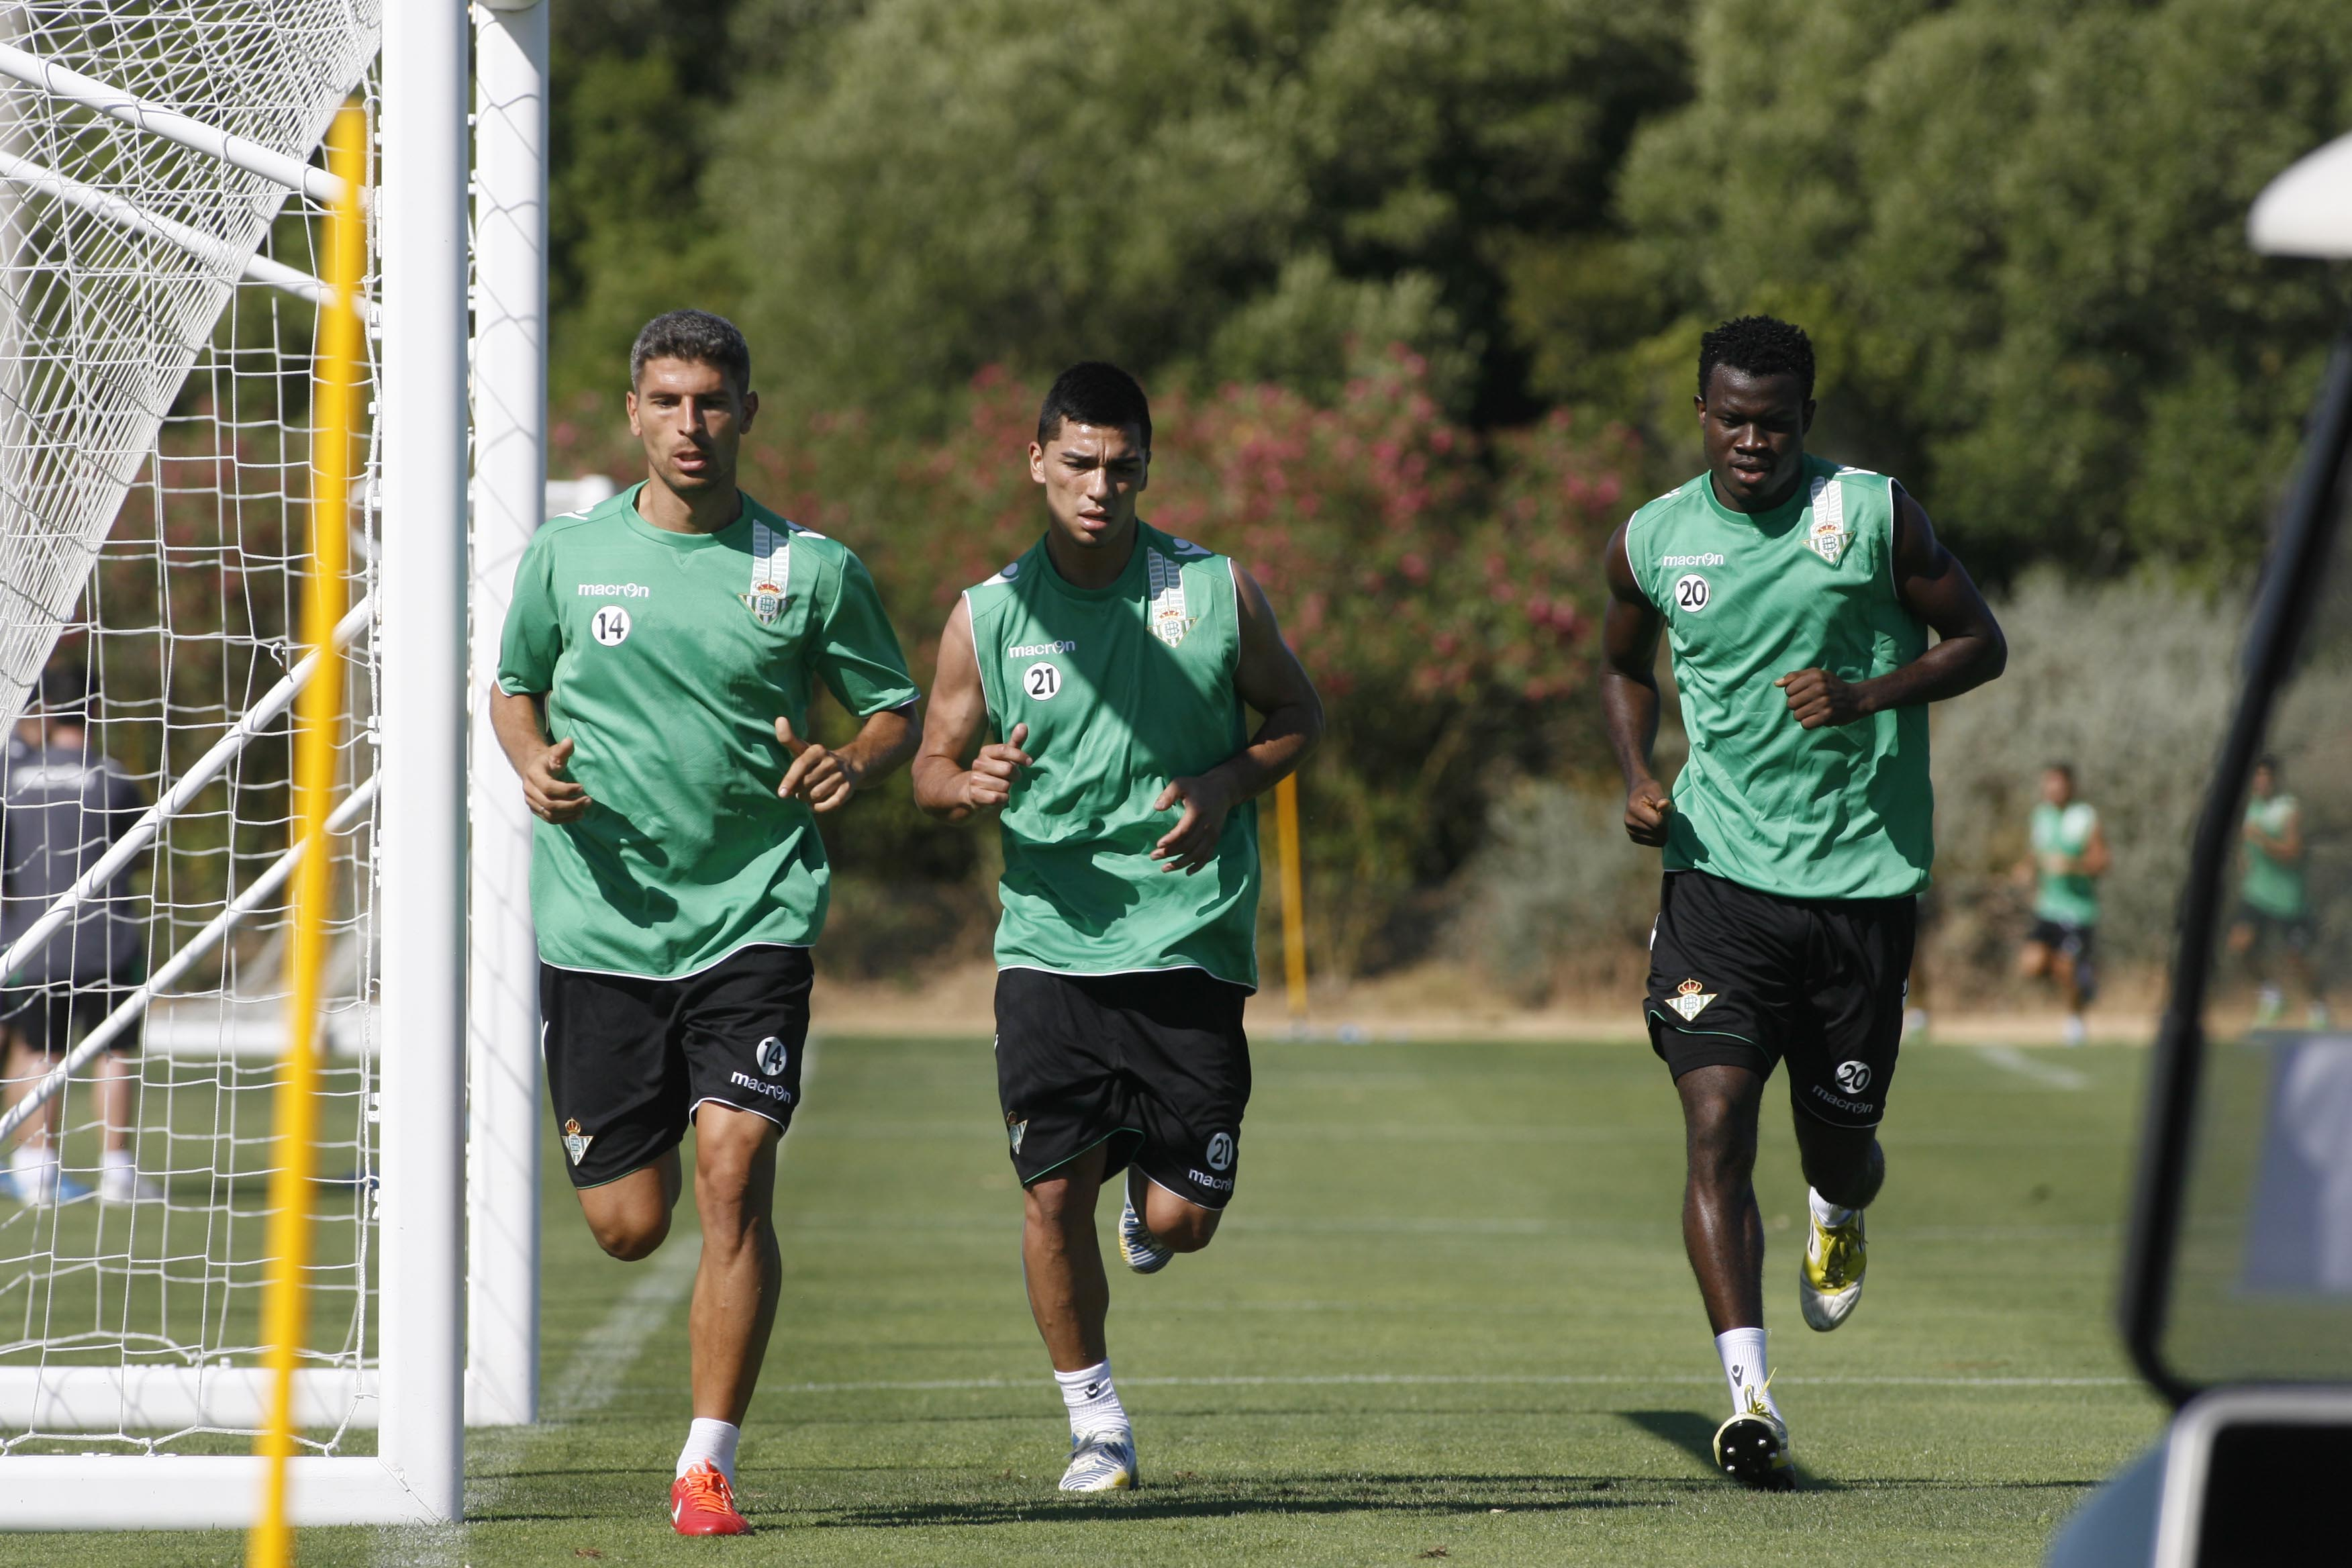 Nosa remata entre dos jugadores del Braga / Marcamedia